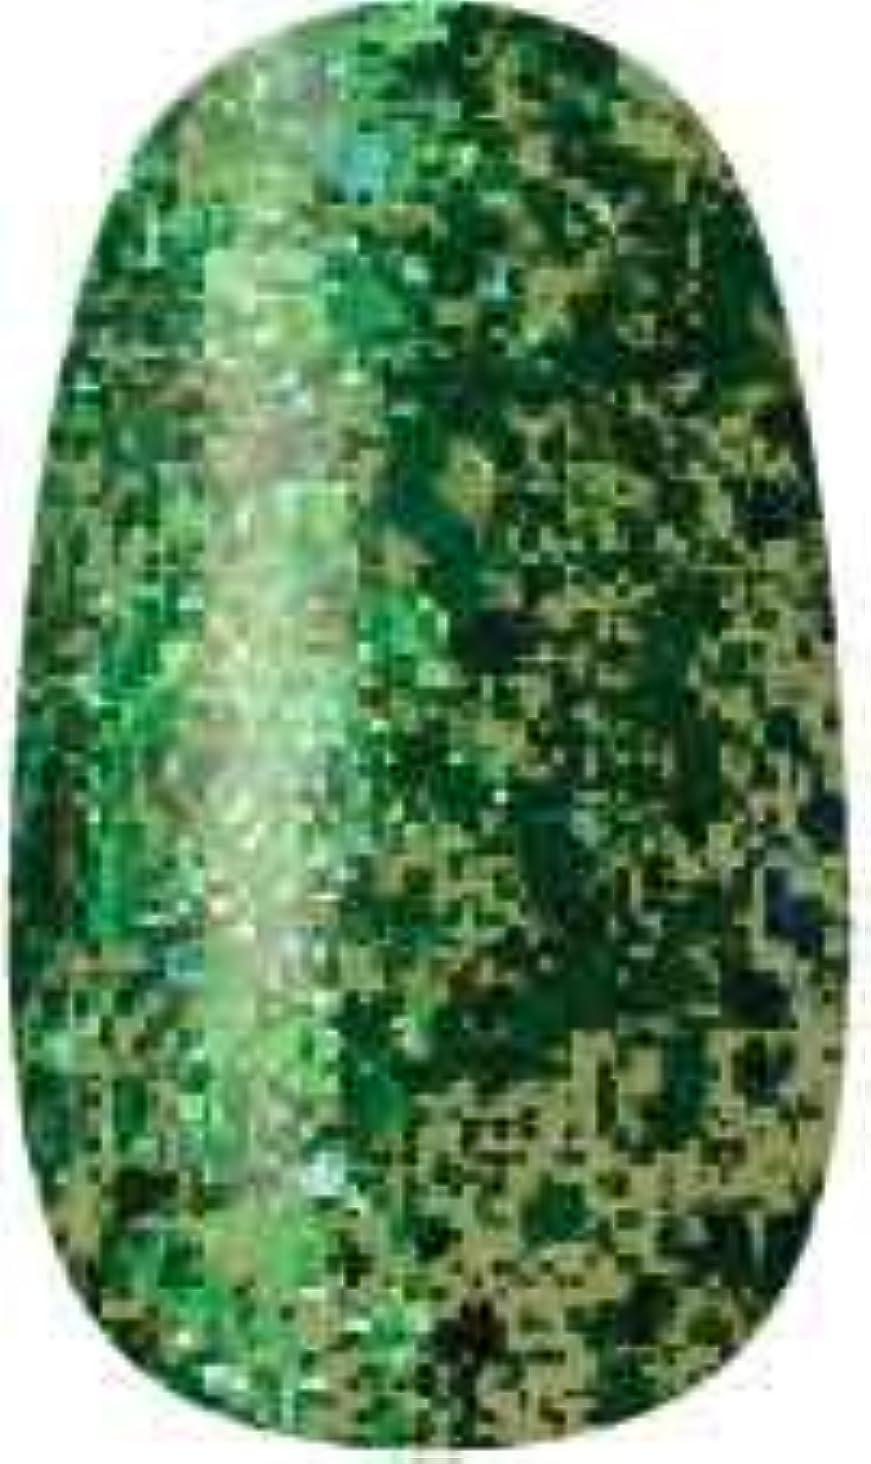 容量独創的自信があるラク カラージェル(89-キラメキグリーン)8g 今話題のラクジェル 素早く仕上カラージェル 抜群の発色とツヤ 国産ポリッシュタイプ オールインワン ワンステップジェルネイル RAKU COLOR GEL #89